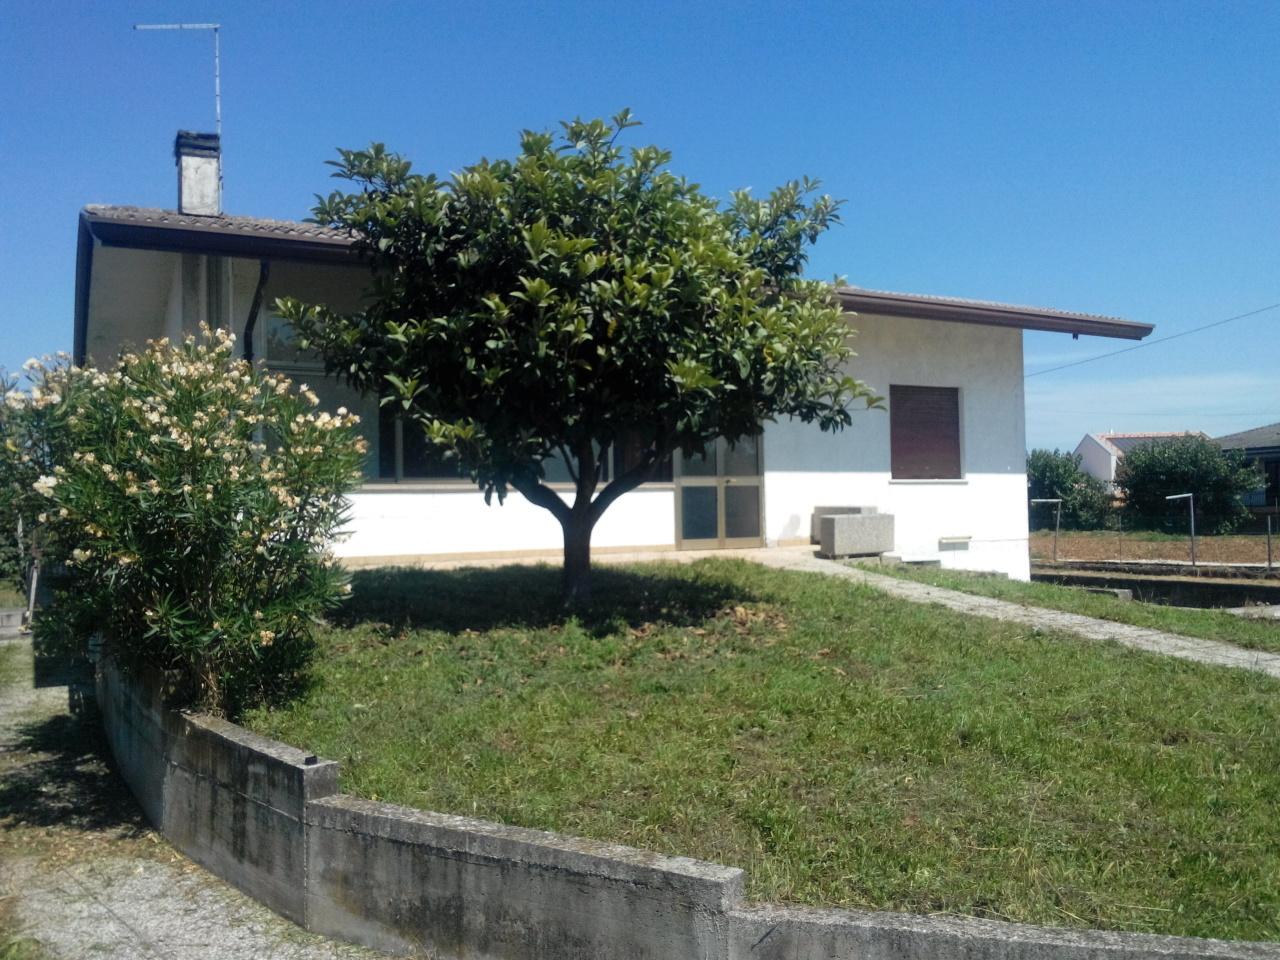 Soluzione Indipendente in vendita a Vedelago, 9 locali, prezzo € 190.000 | CambioCasa.it